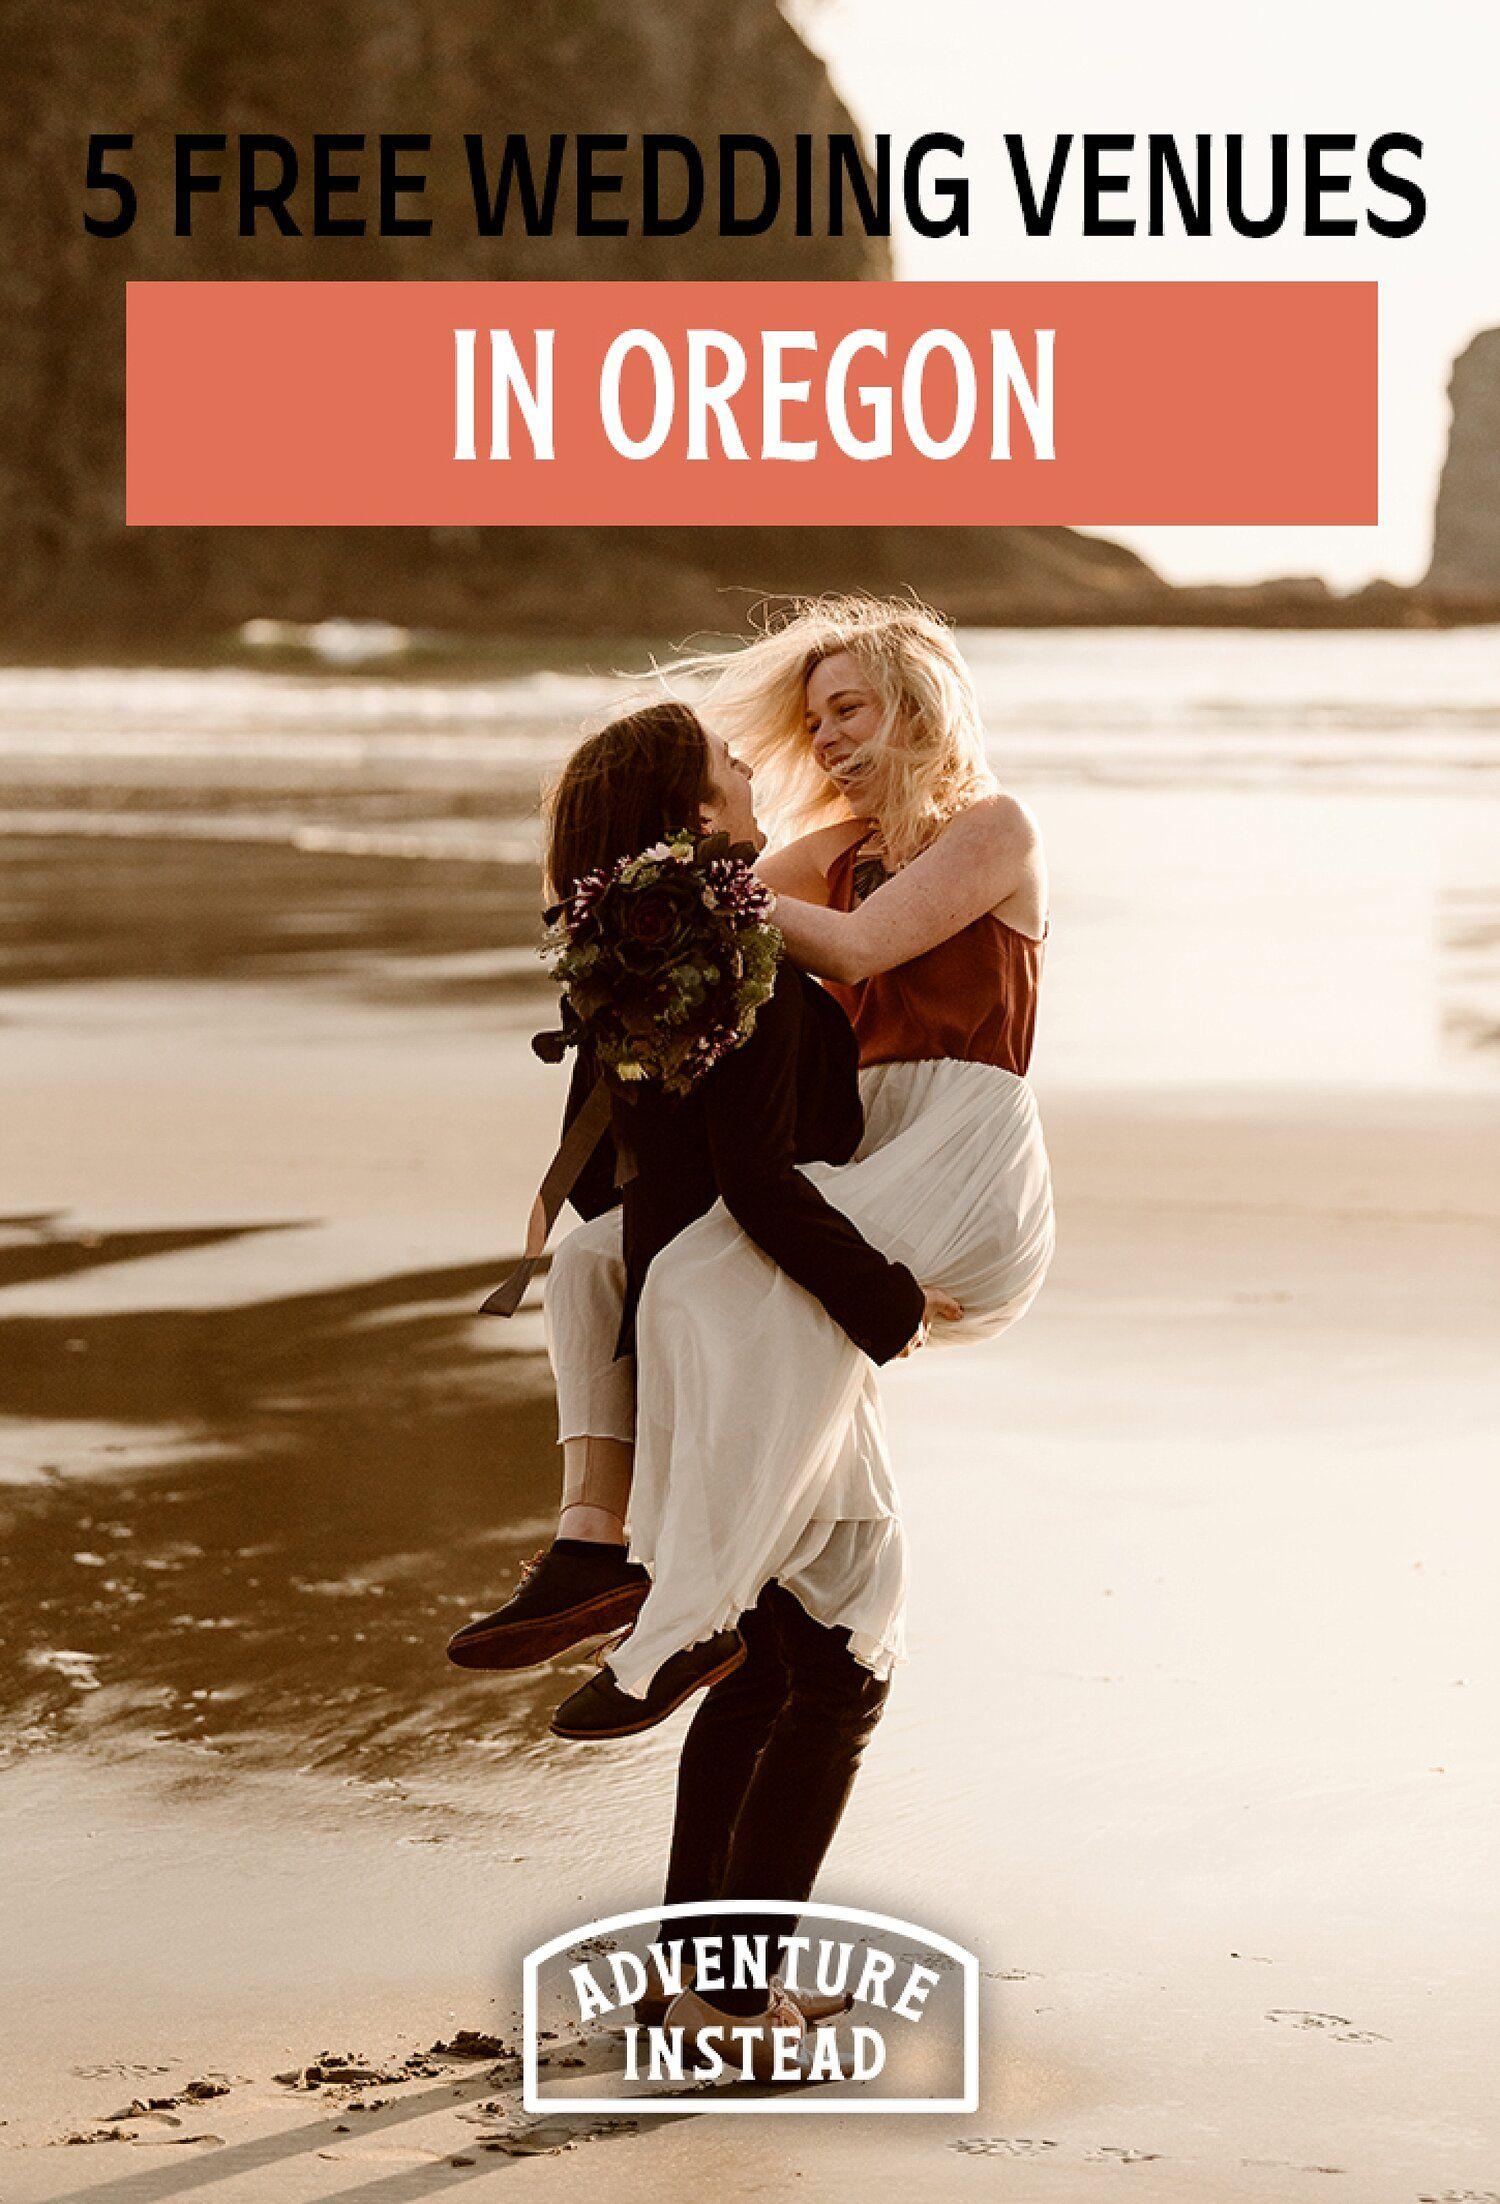 5 Free Or Mostly Free Wedding Venues In Oregon In 2020 Free Wedding Venues Wedding Venues Oregon Oregon Beach Wedding